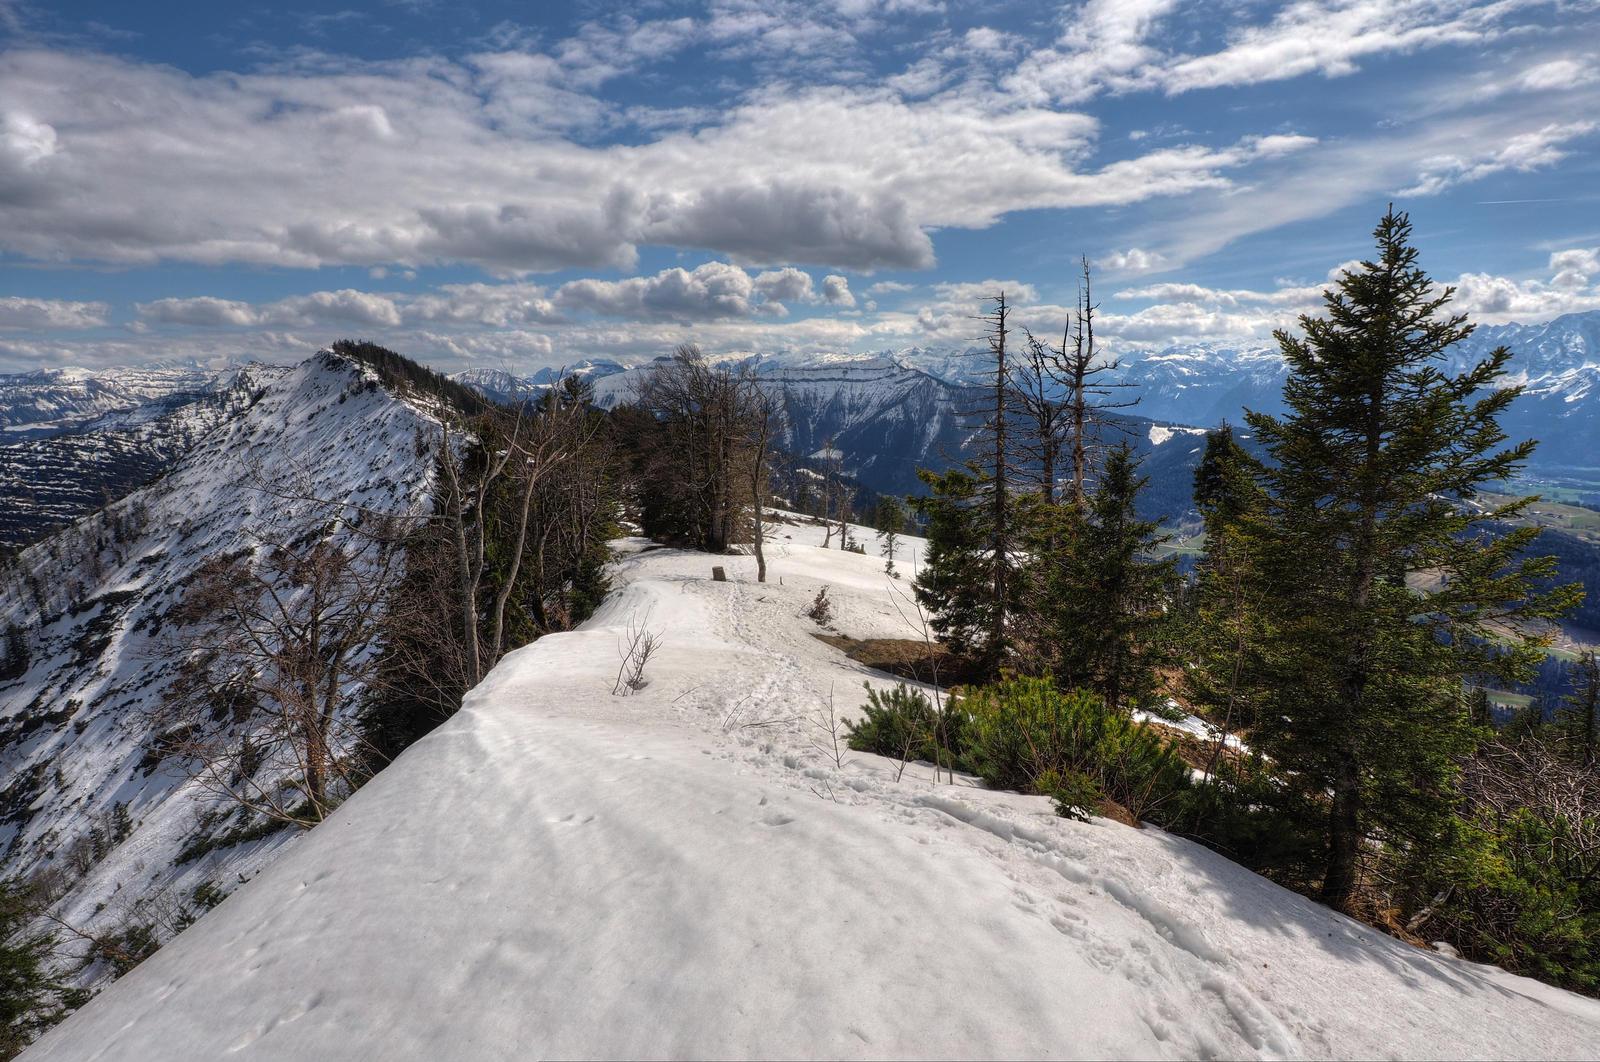 On The Snowy Edge by Burtn